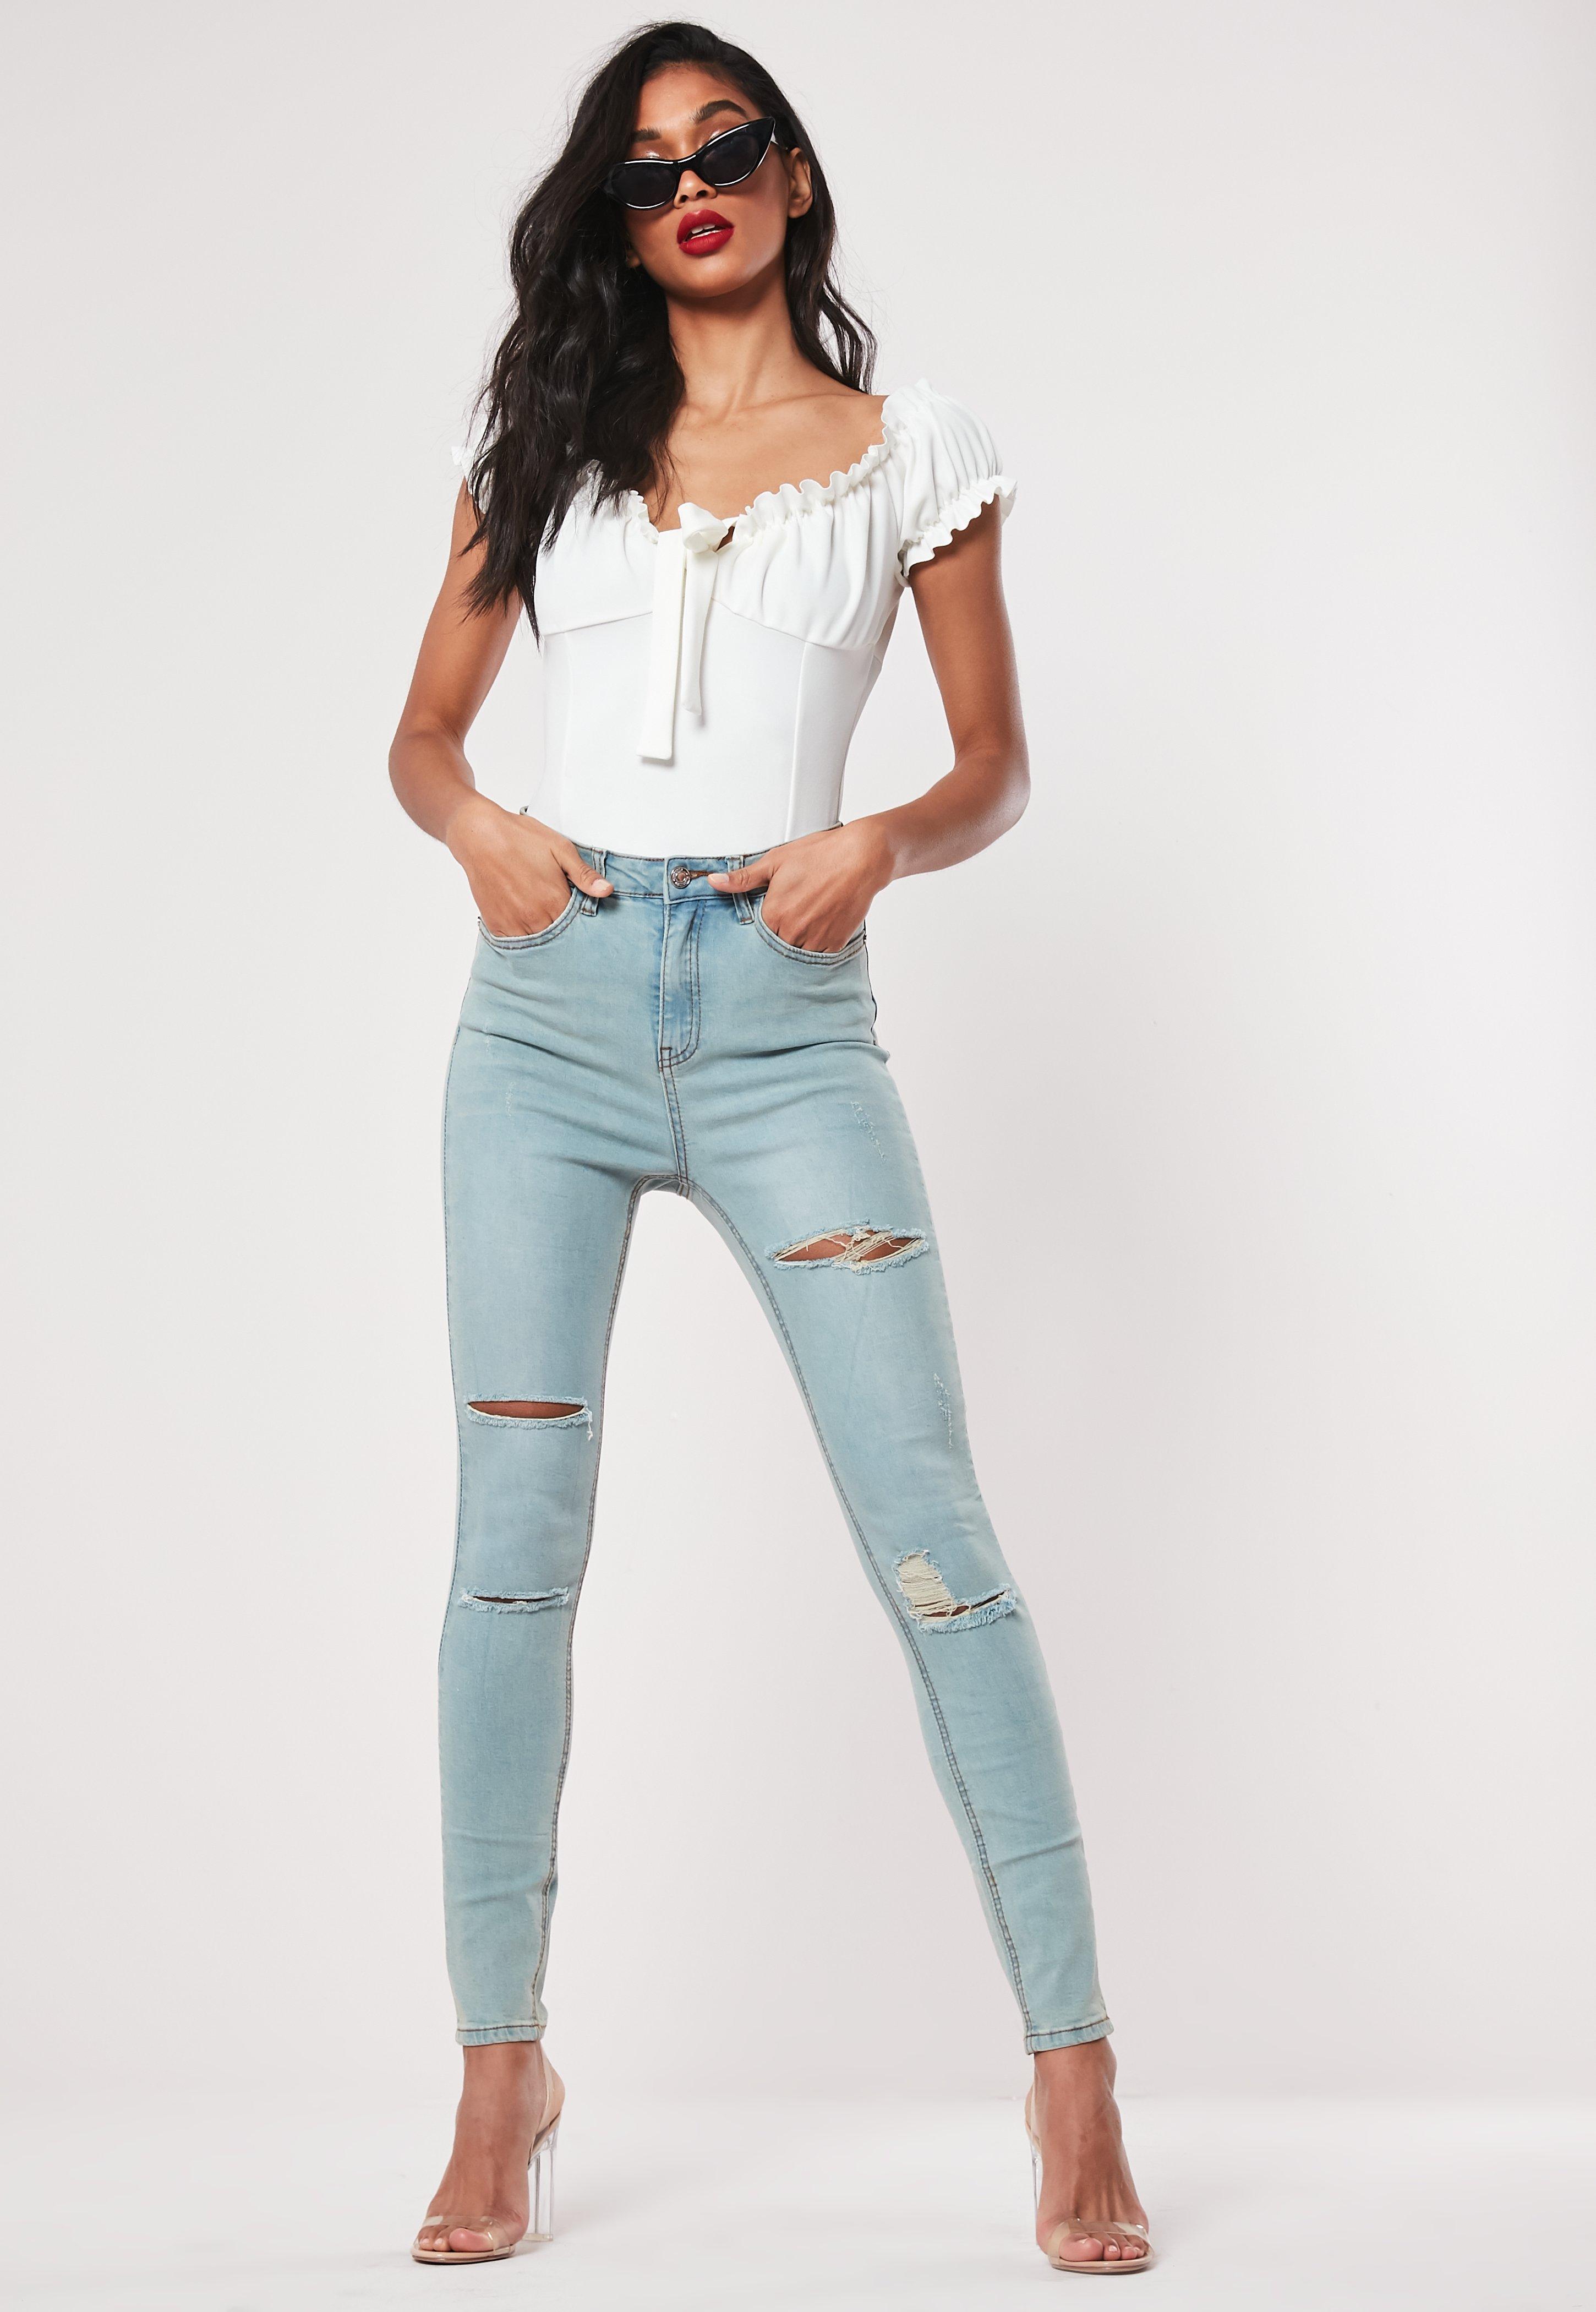 db31fa35a2ba92 Jeans | Blaue, schwarze & weiße Jeans für Damen - Missguided